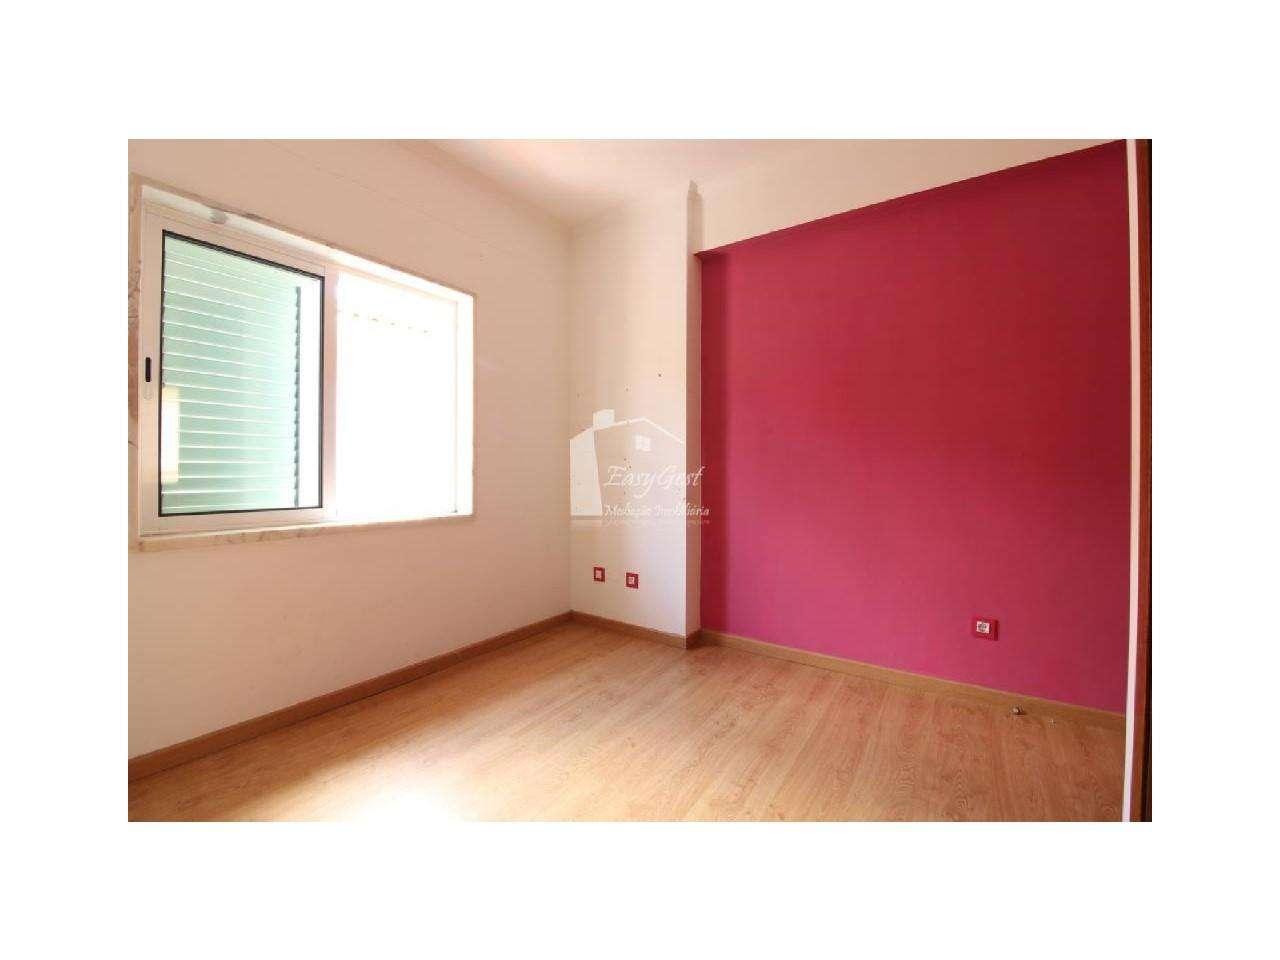 Apartamento para comprar, Fernão Ferro, Setúbal - Foto 16